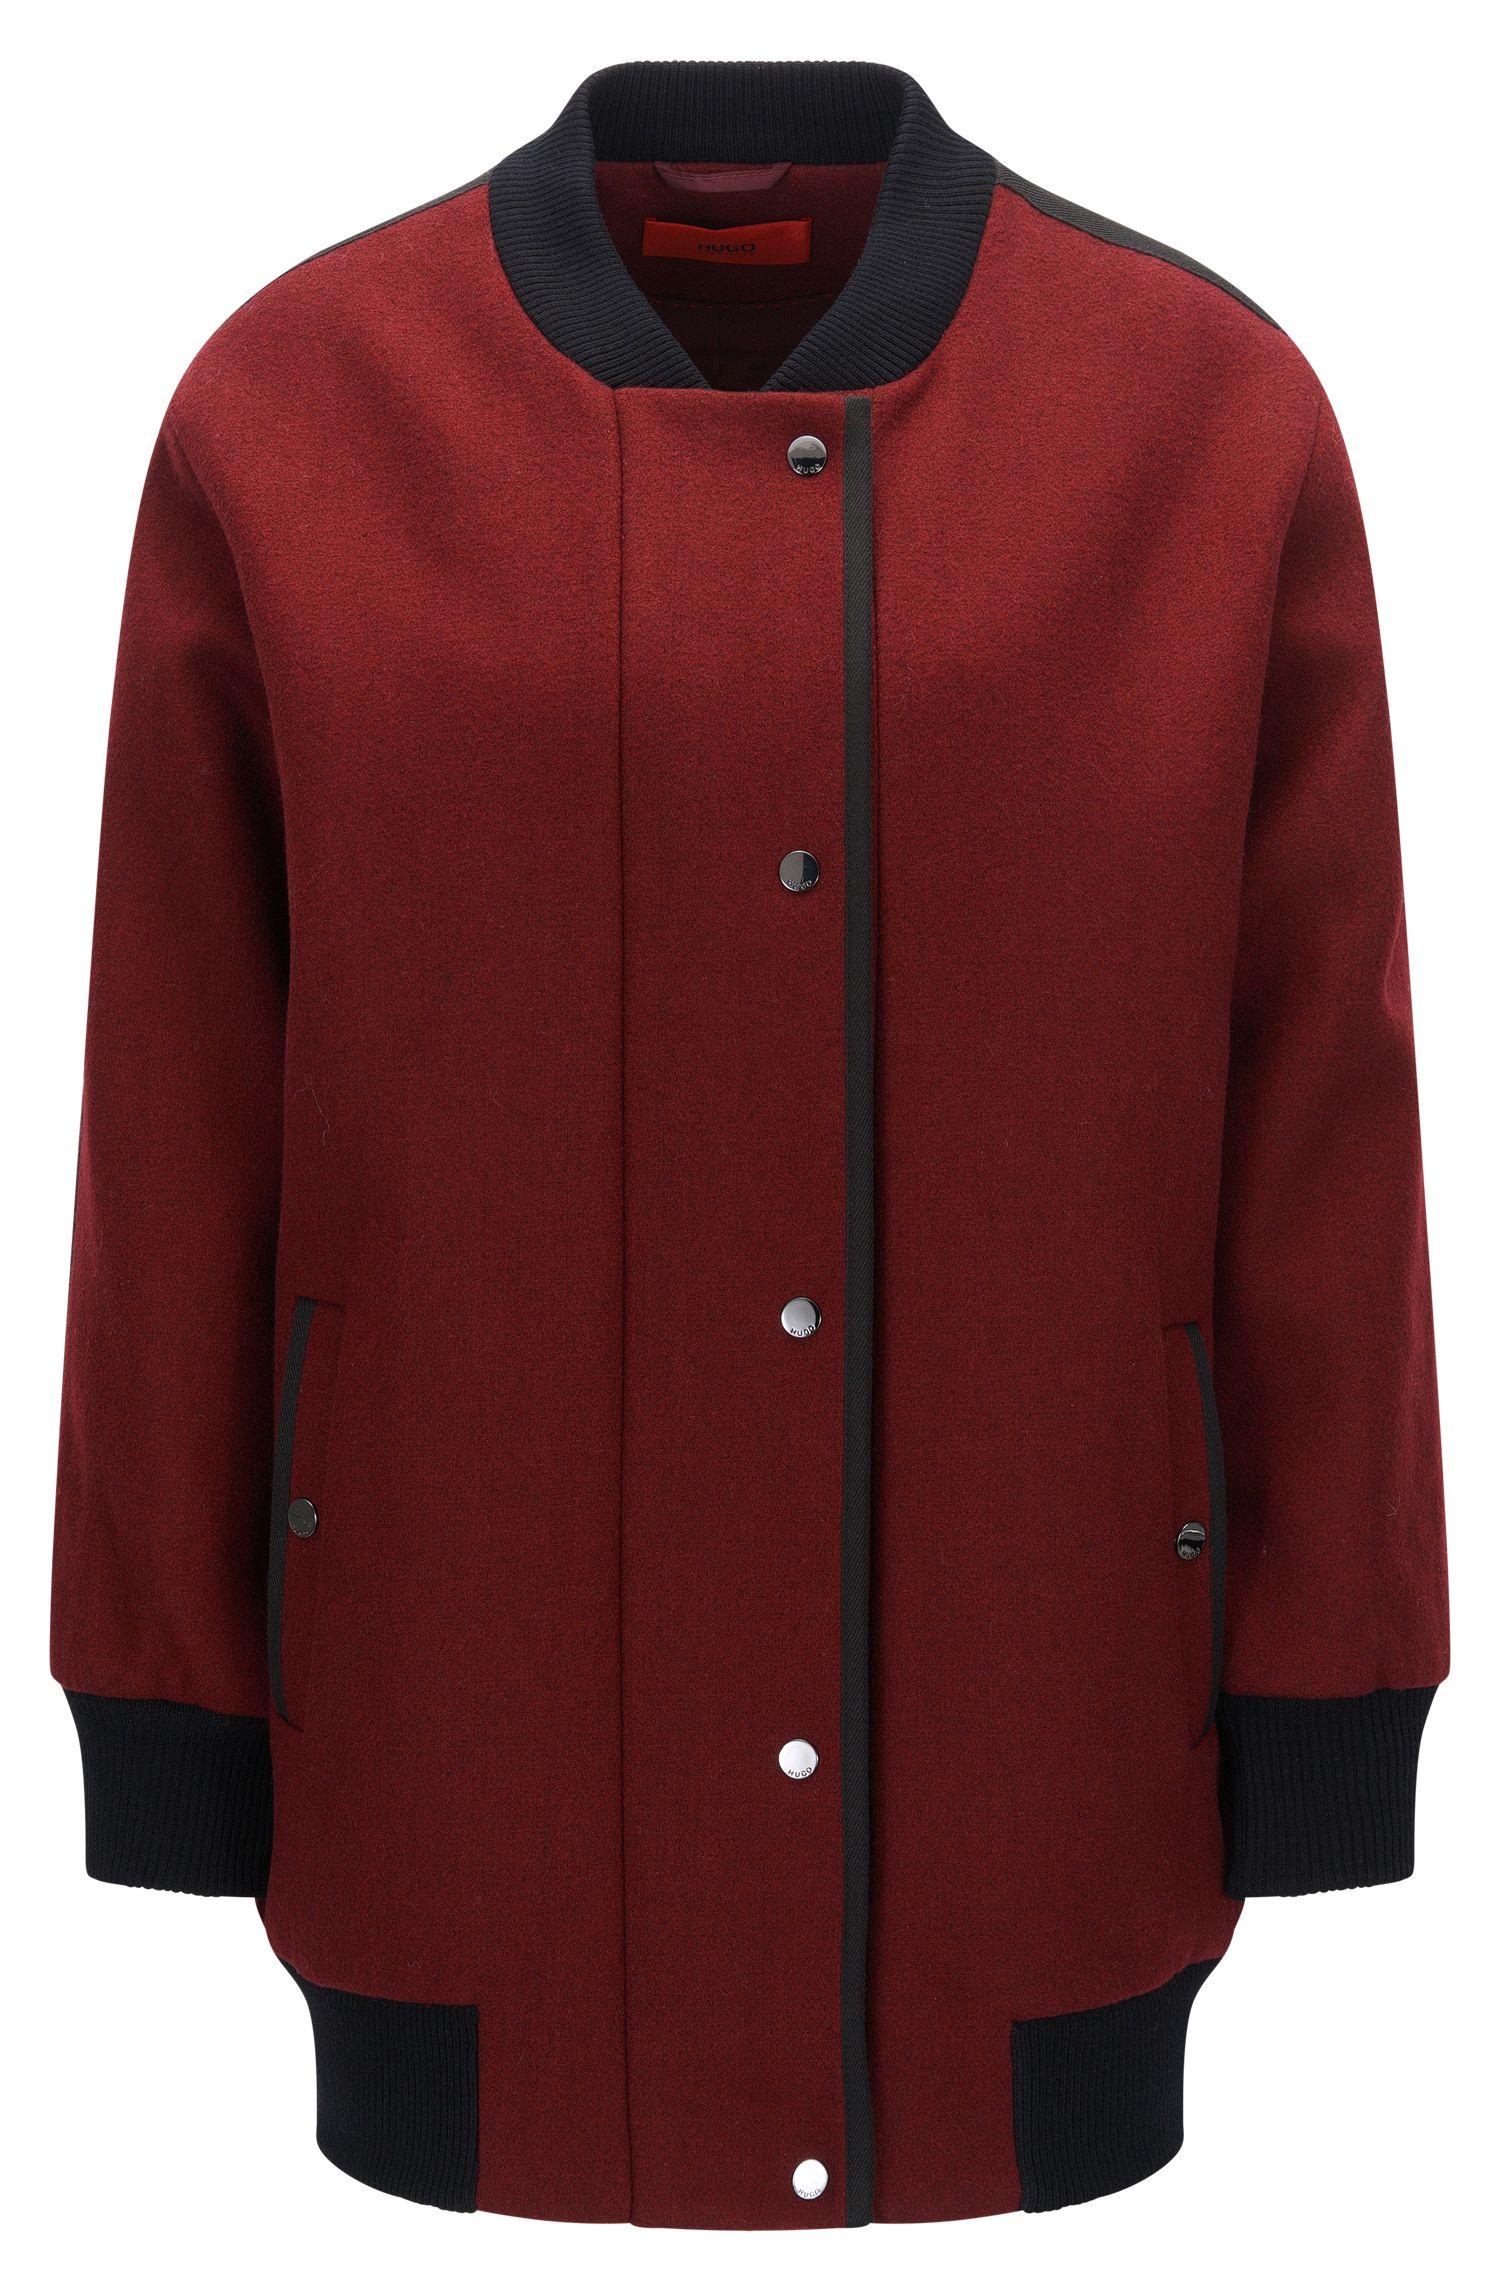 Oversize-fit bomber jacket in hybrid fabrics